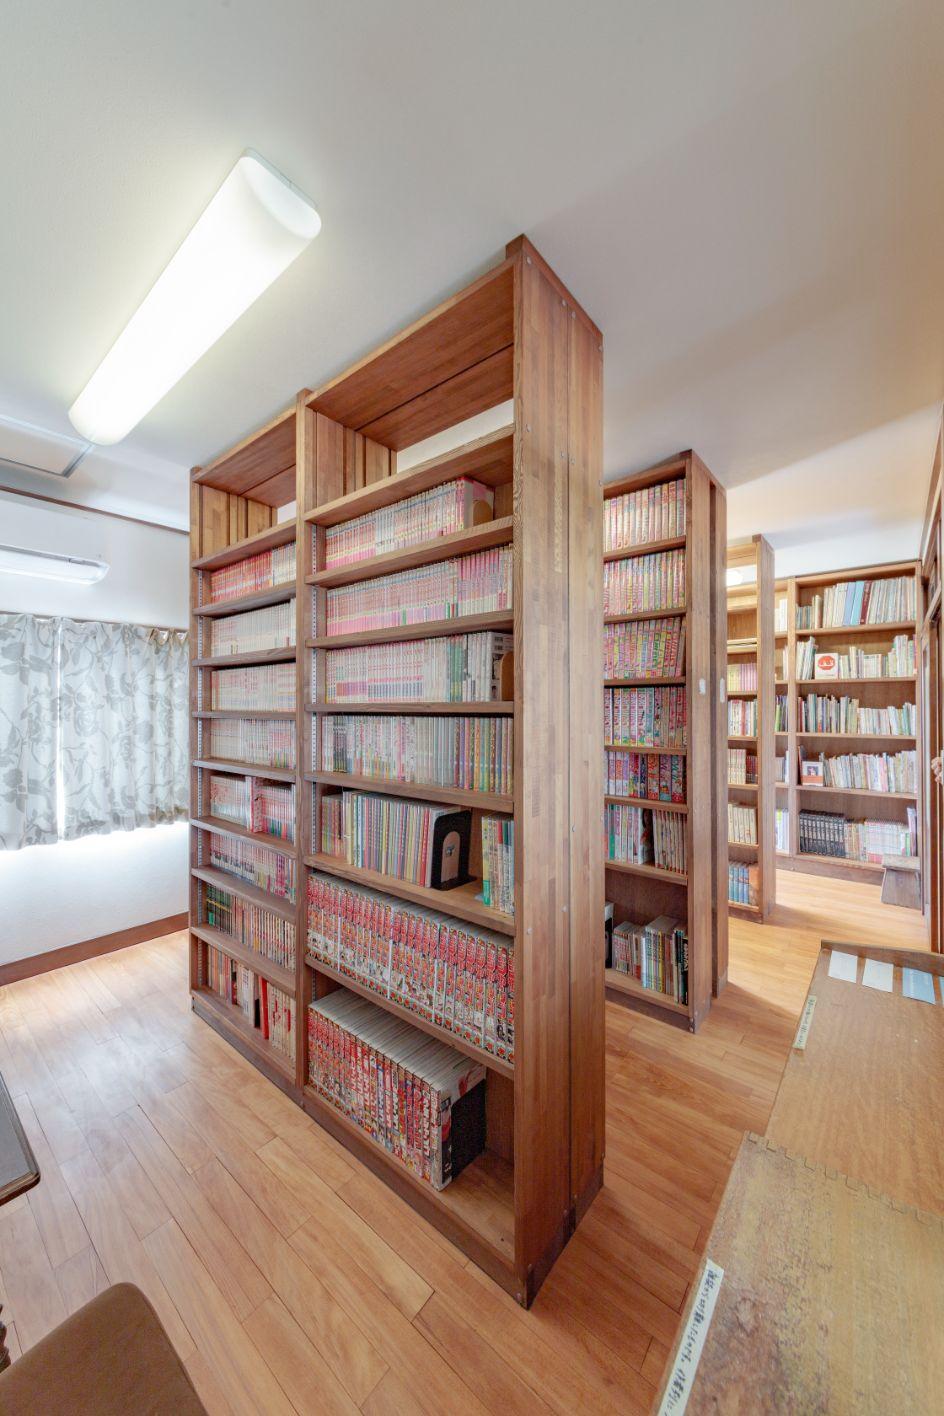 2階の書庫には、約6,000冊の蔵書が機能的で美しい書棚に並びます。